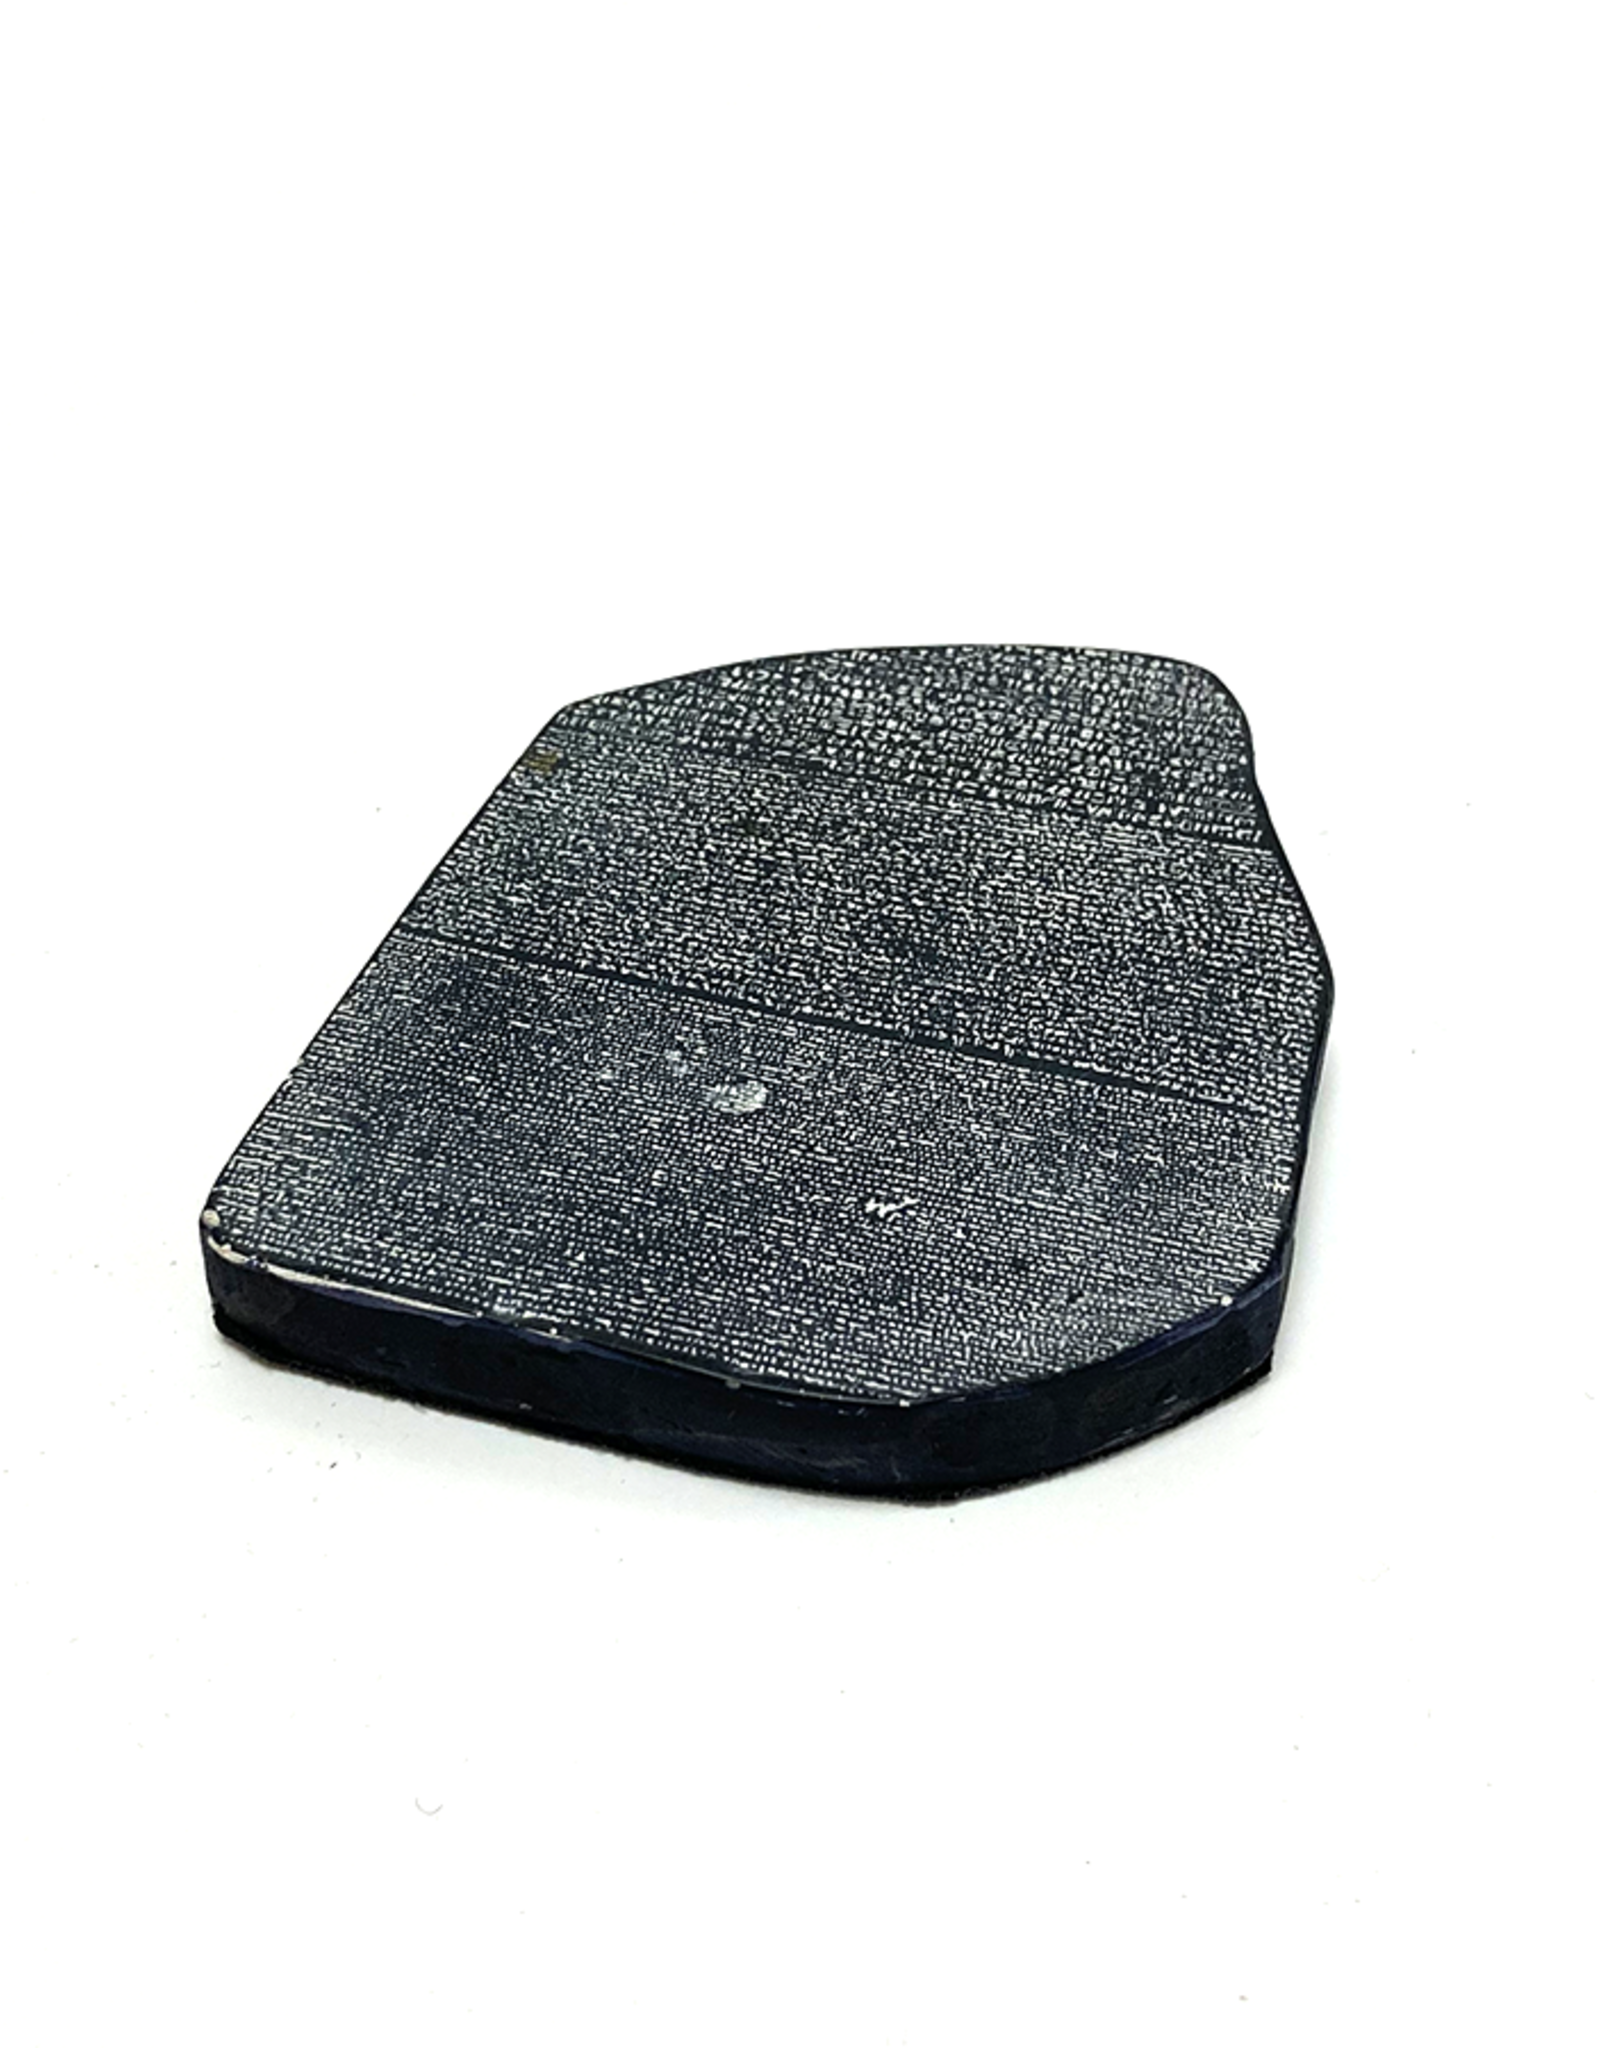 Rosetta Stone Paperweight